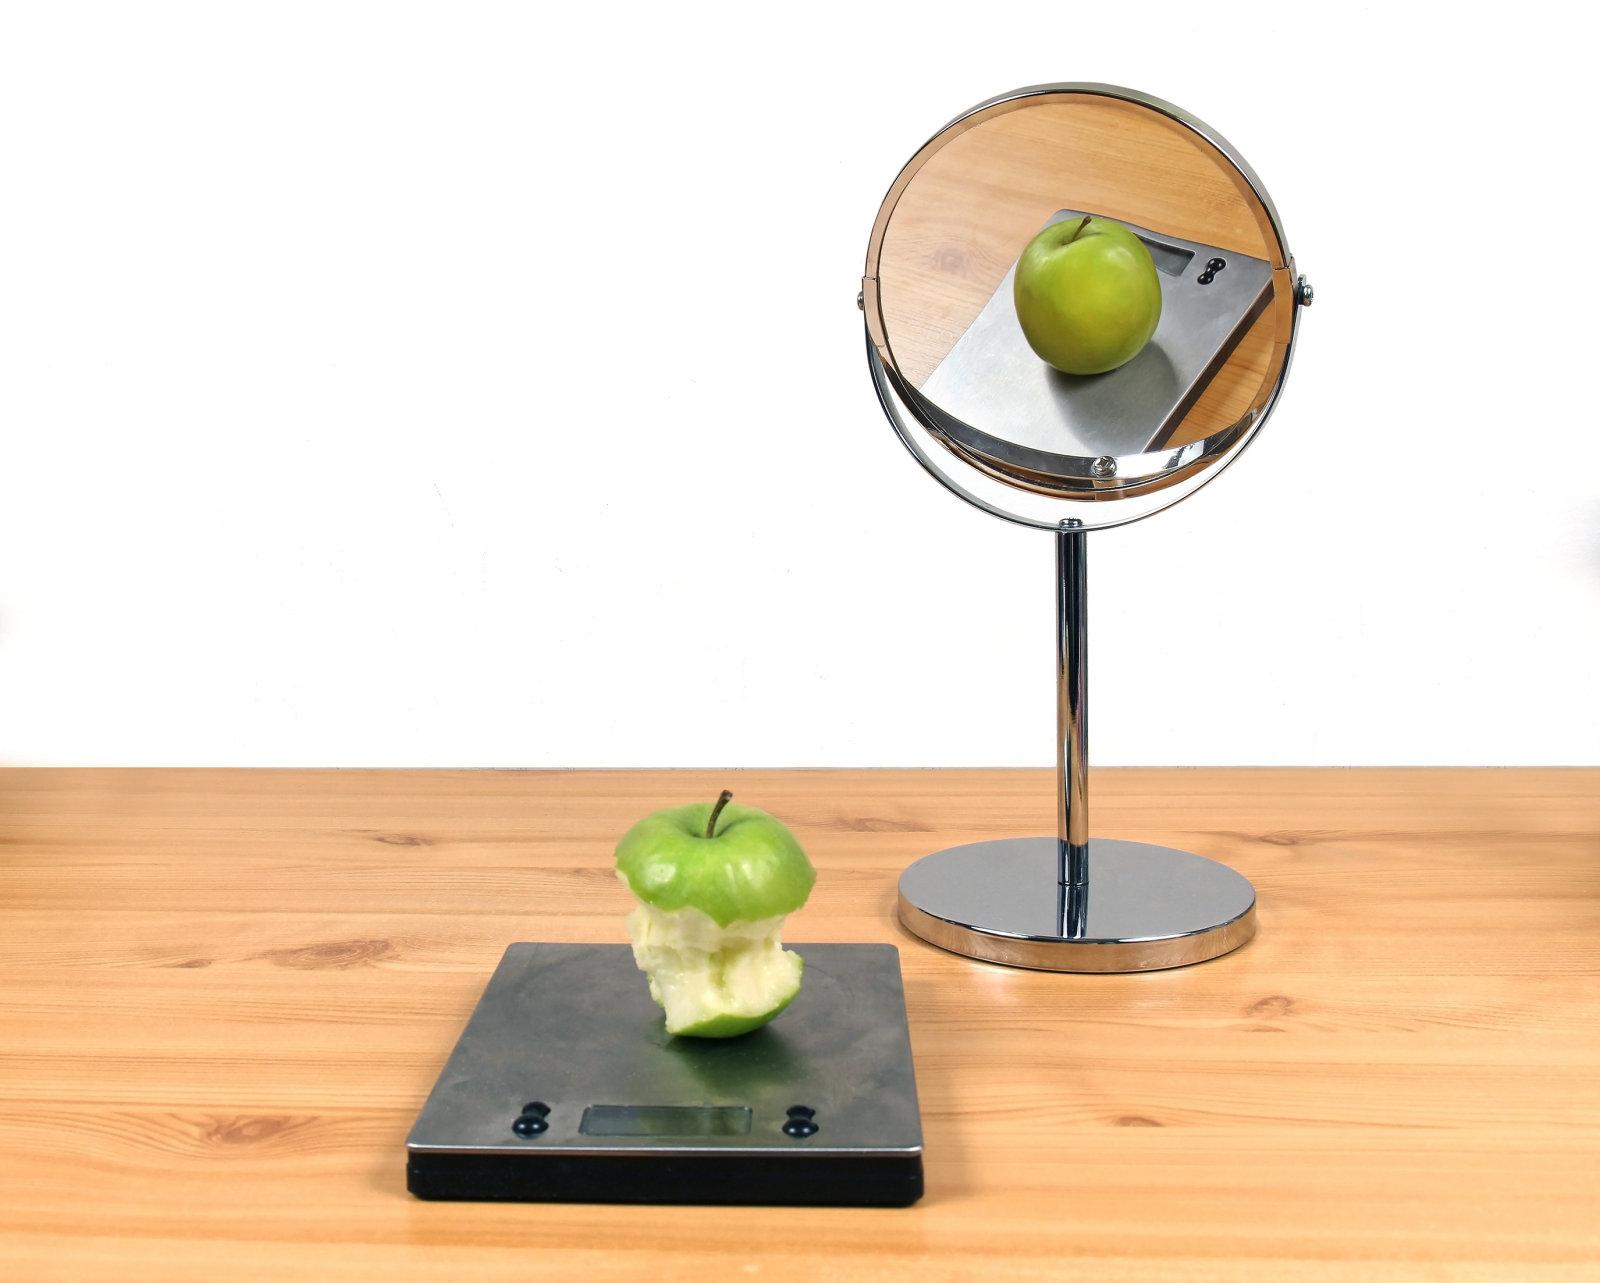 MAJANDUSNURK | Villu Zirnask:  peeglike, peeglike seina peal, kus on lihtsaim äri teha ilma peal? Maailmapank võttis peegli maha